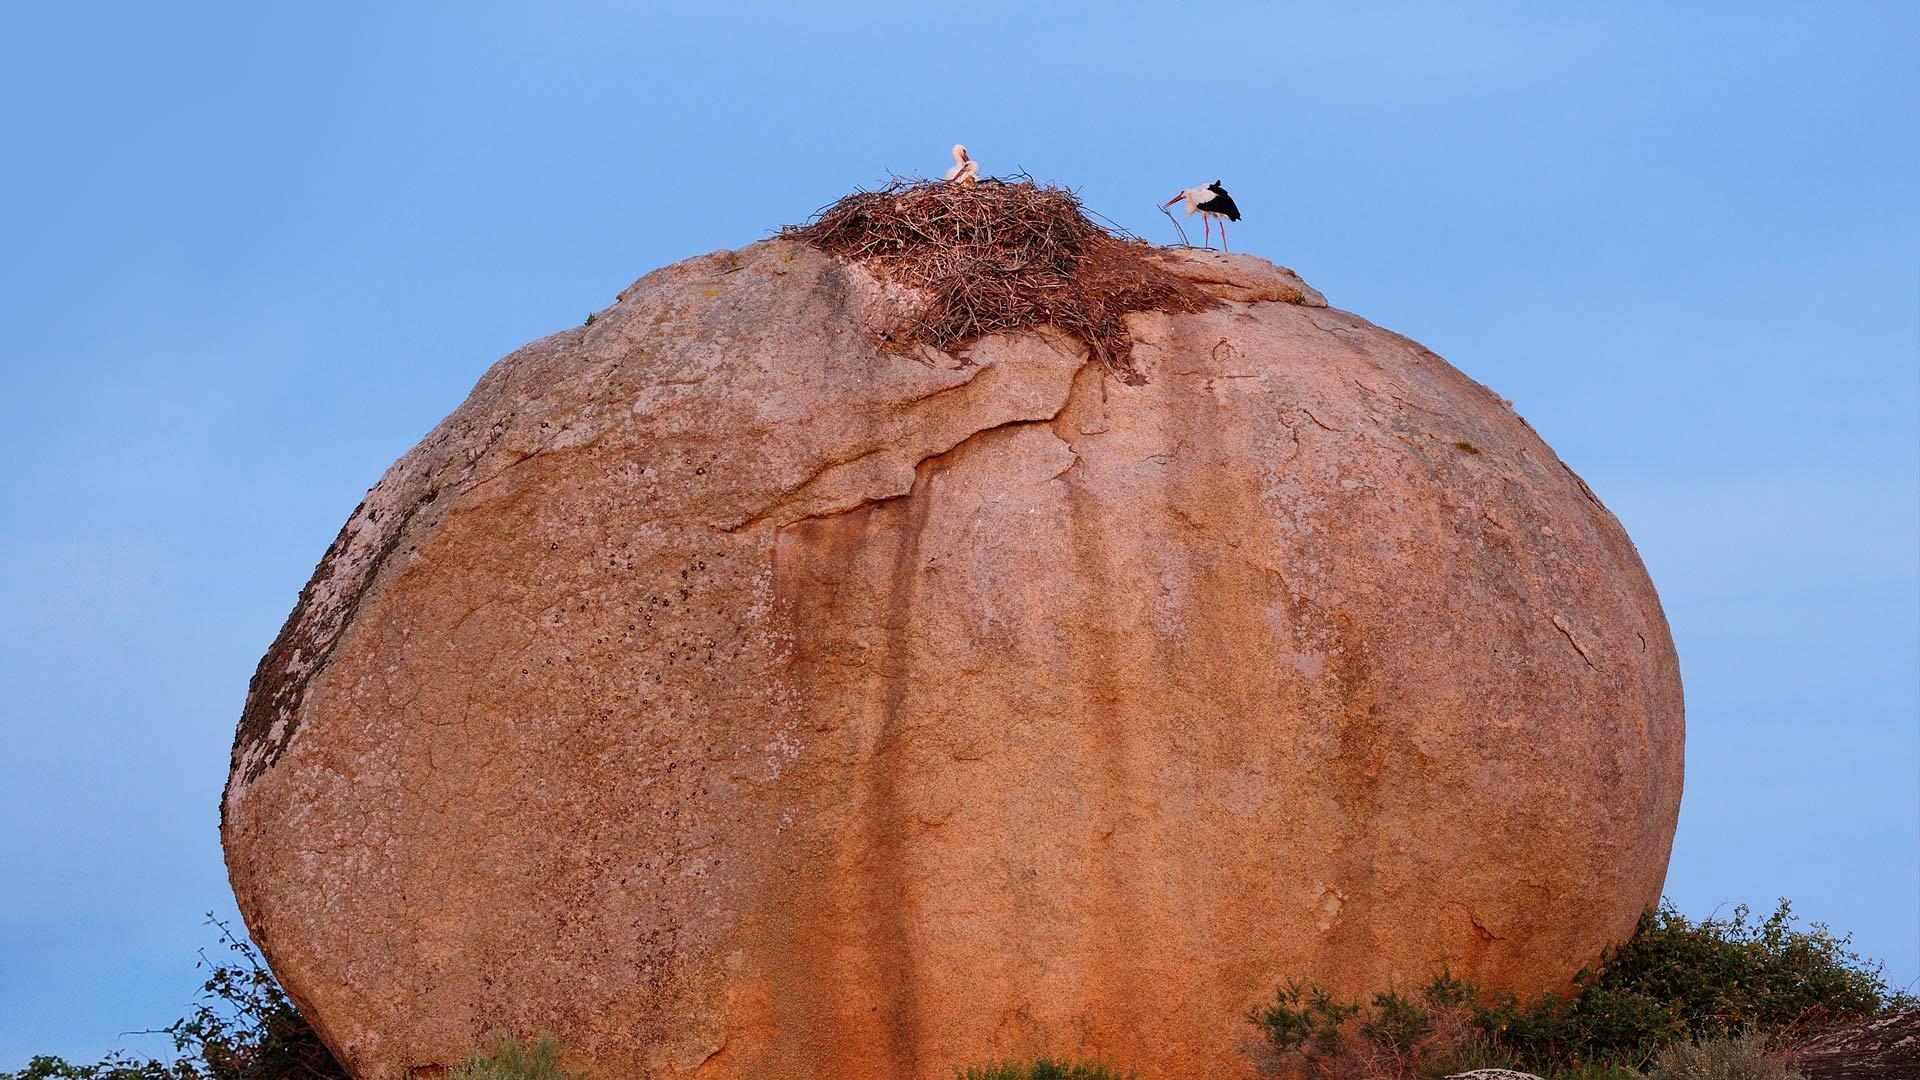 洛斯巴鲁埃科斯自然纪念碑上的白鹳